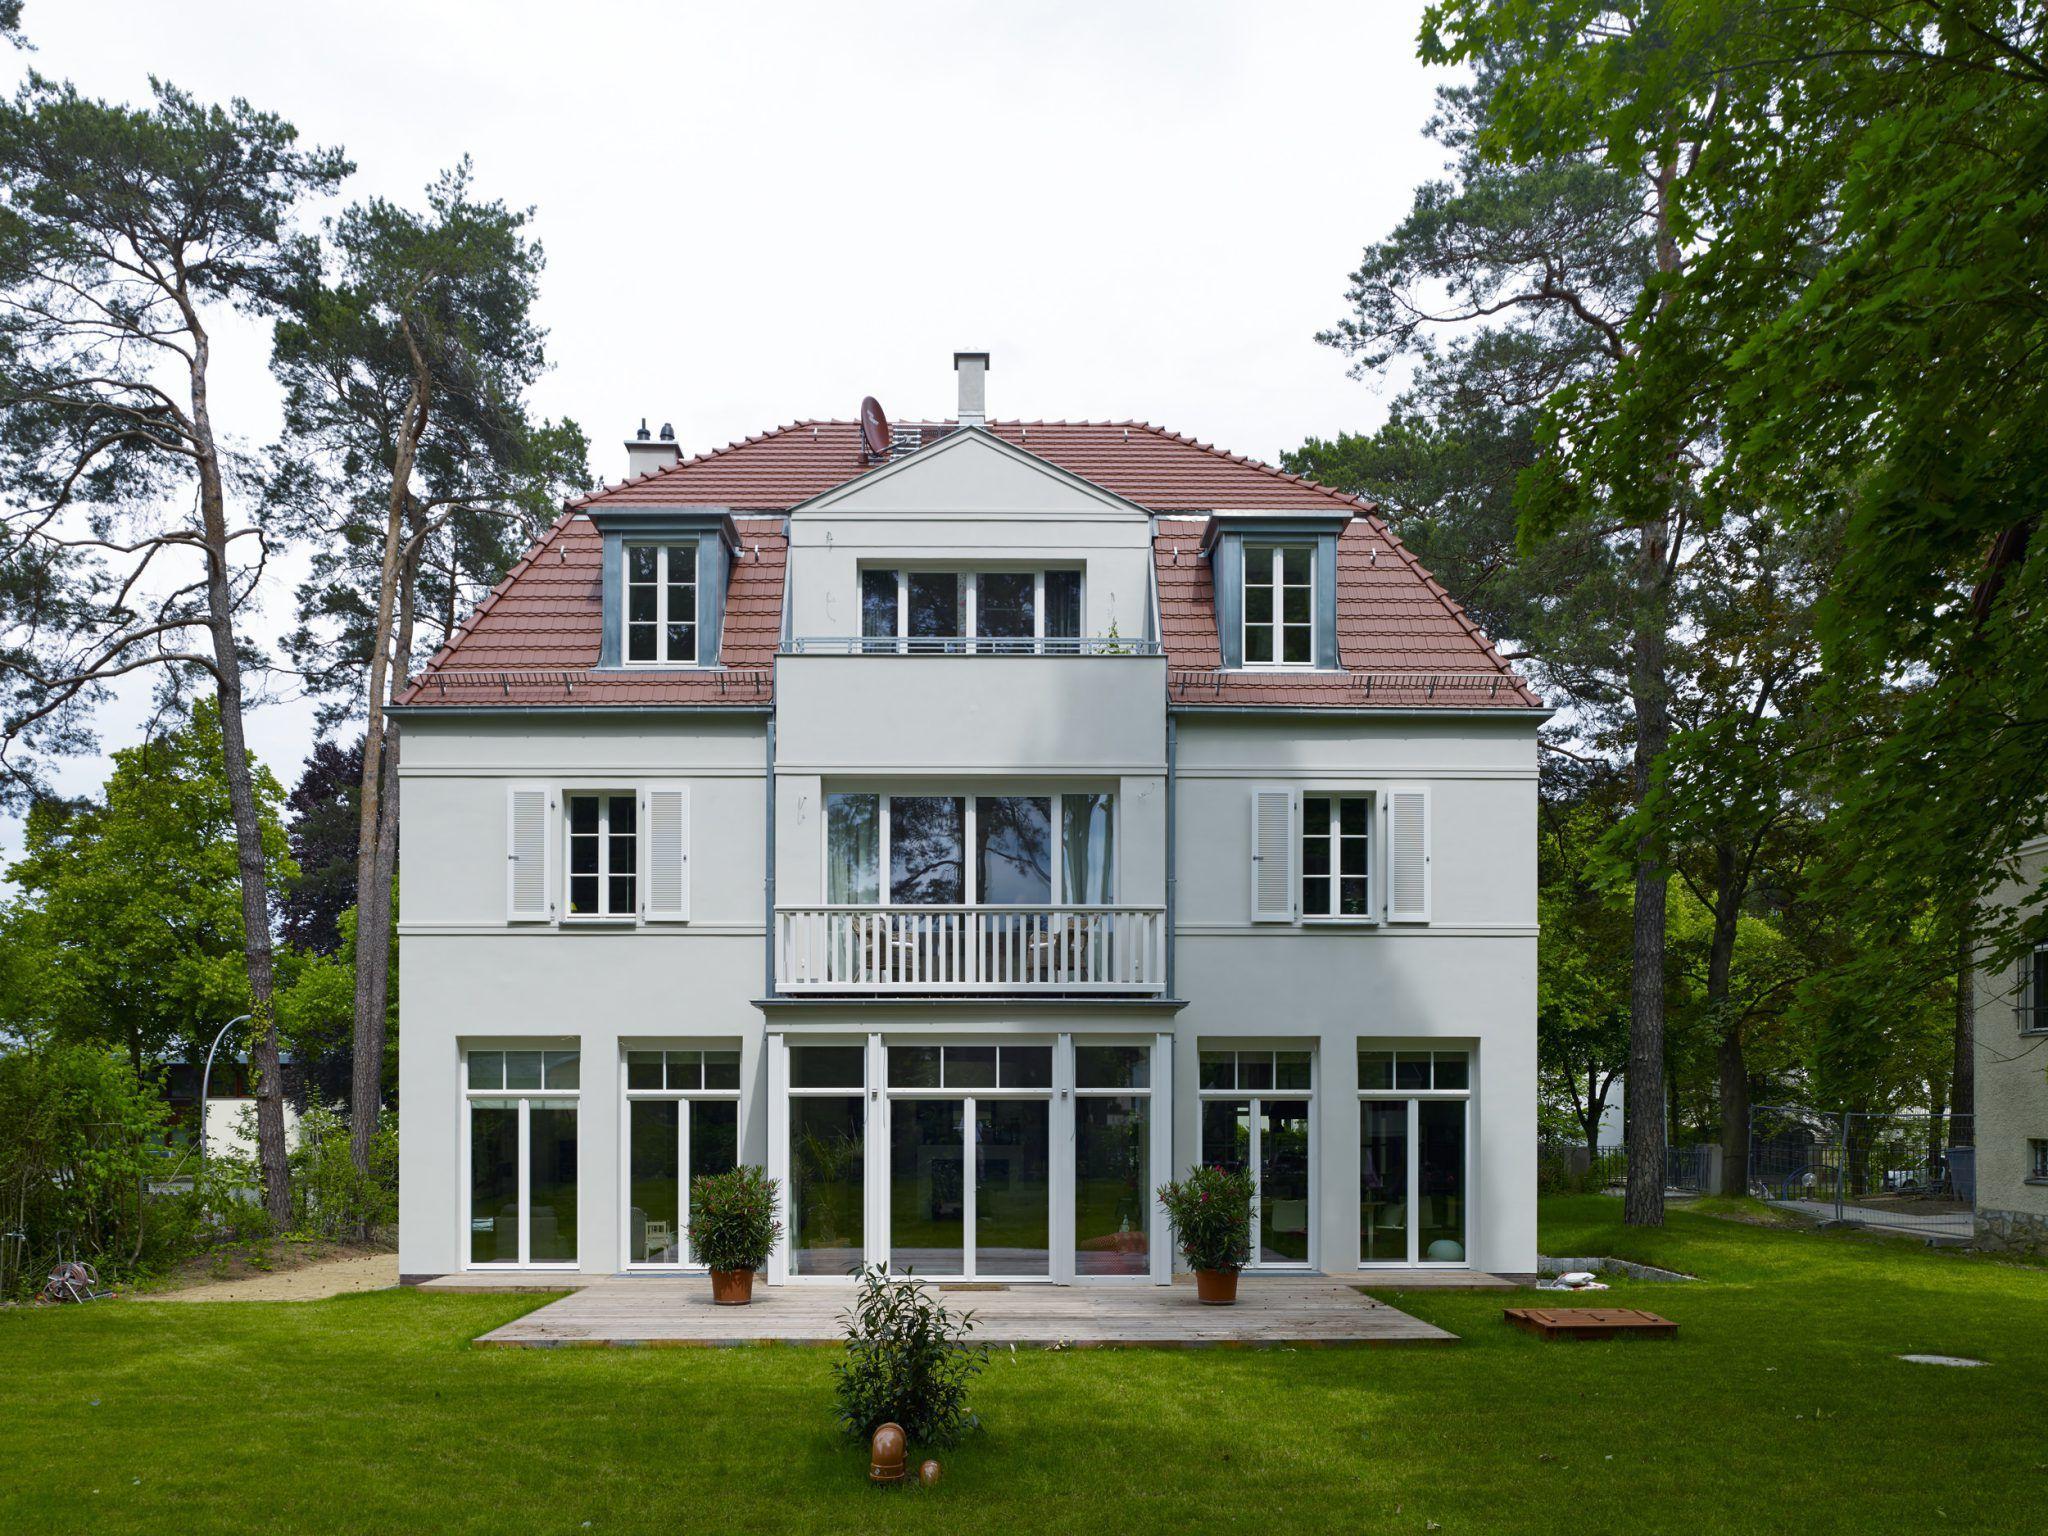 Kaffeemühlenhaus in begehrter Lage Quartier Acht Exklusive Immobilien München Grünwald Fassaden Pinterest